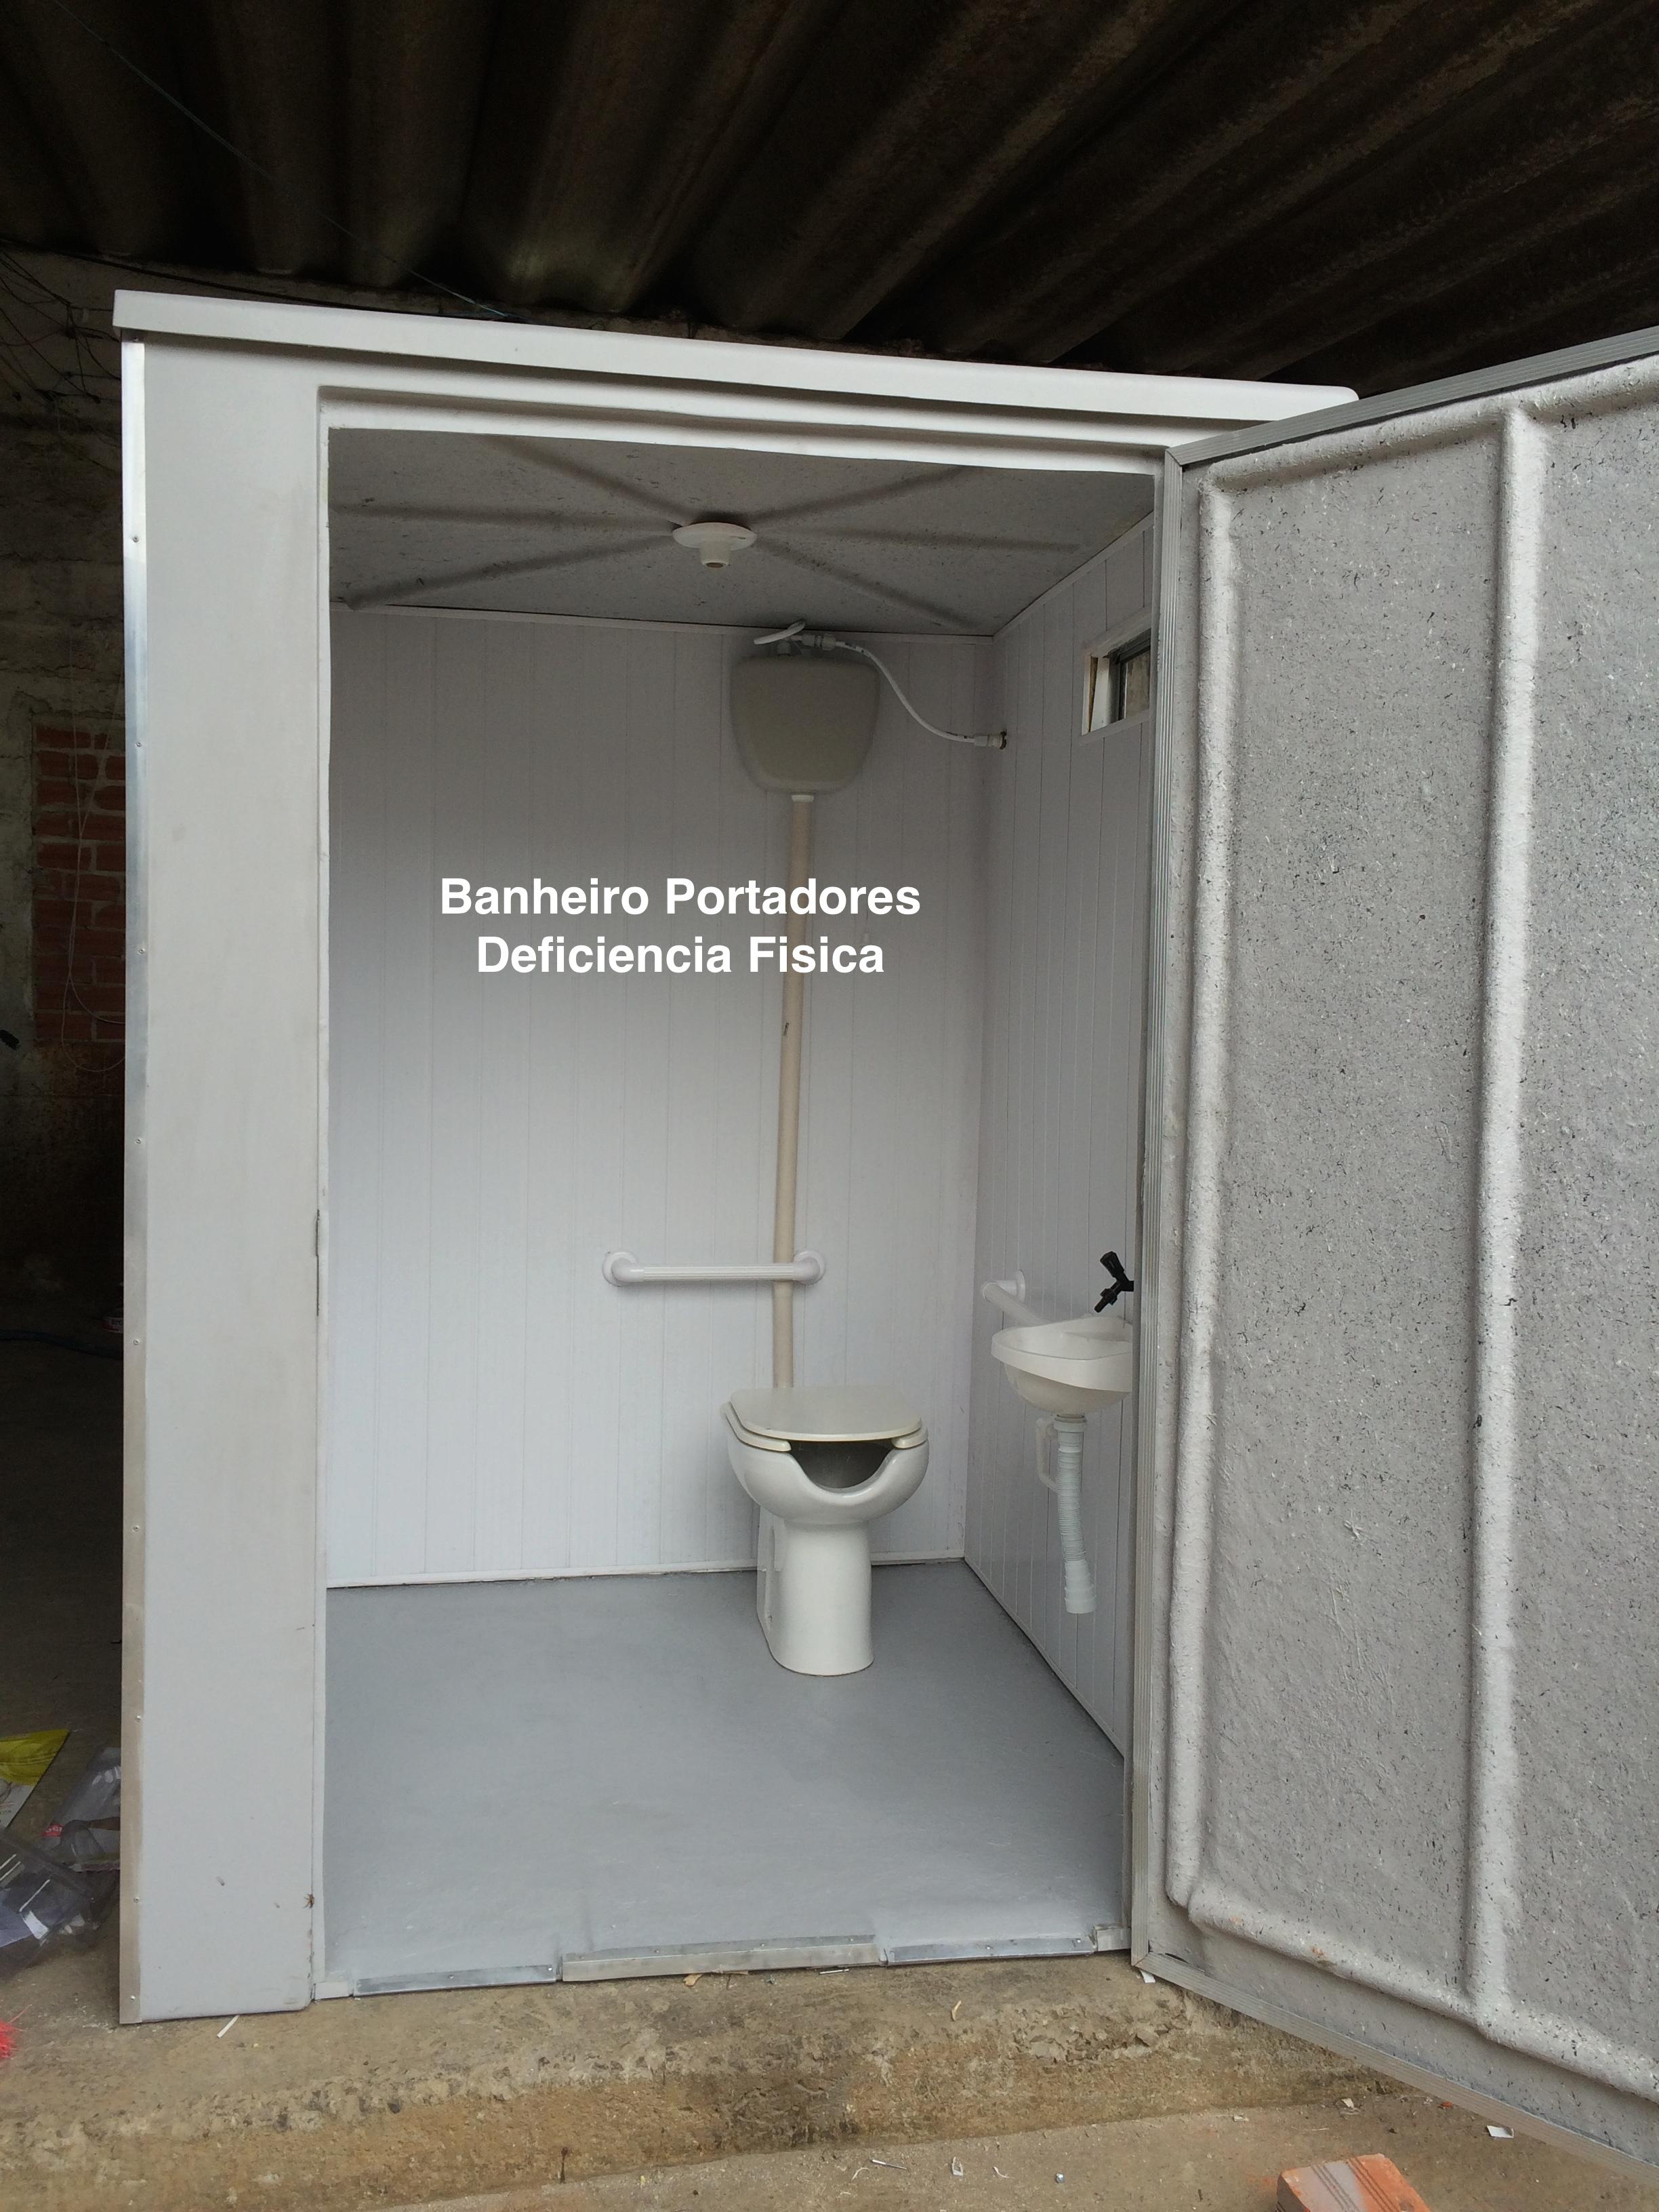 Especial Guaritas e Banheiros Baratos Guaritas e Banheiros Baratos #7F614C 2448 3264